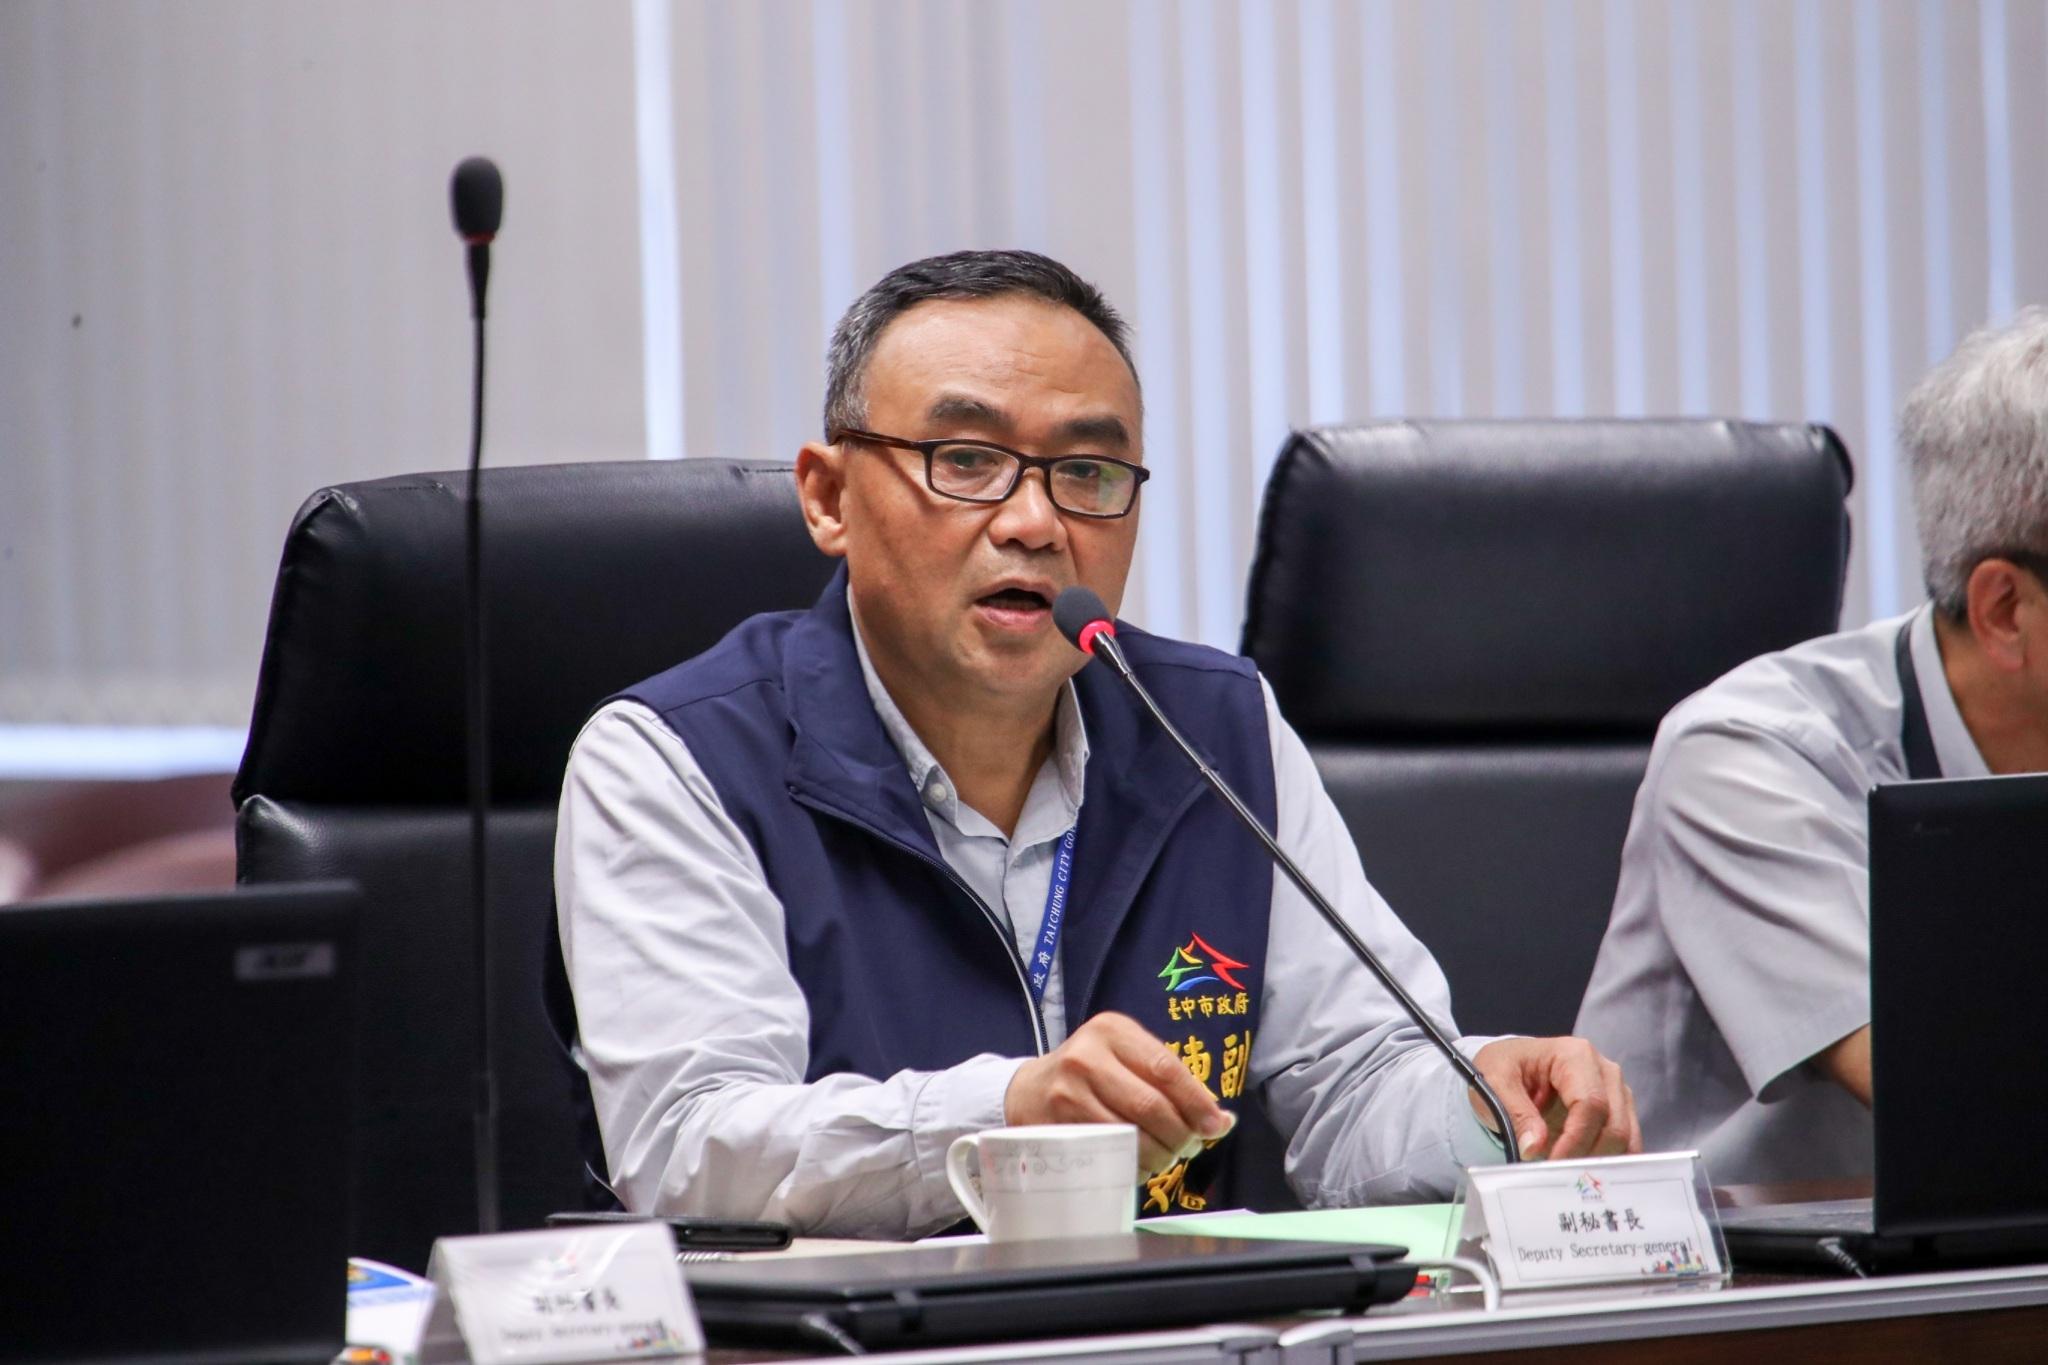 台中花博成效檢討 盧市長:市民滿意最重要 既有基礎下持續建設台中